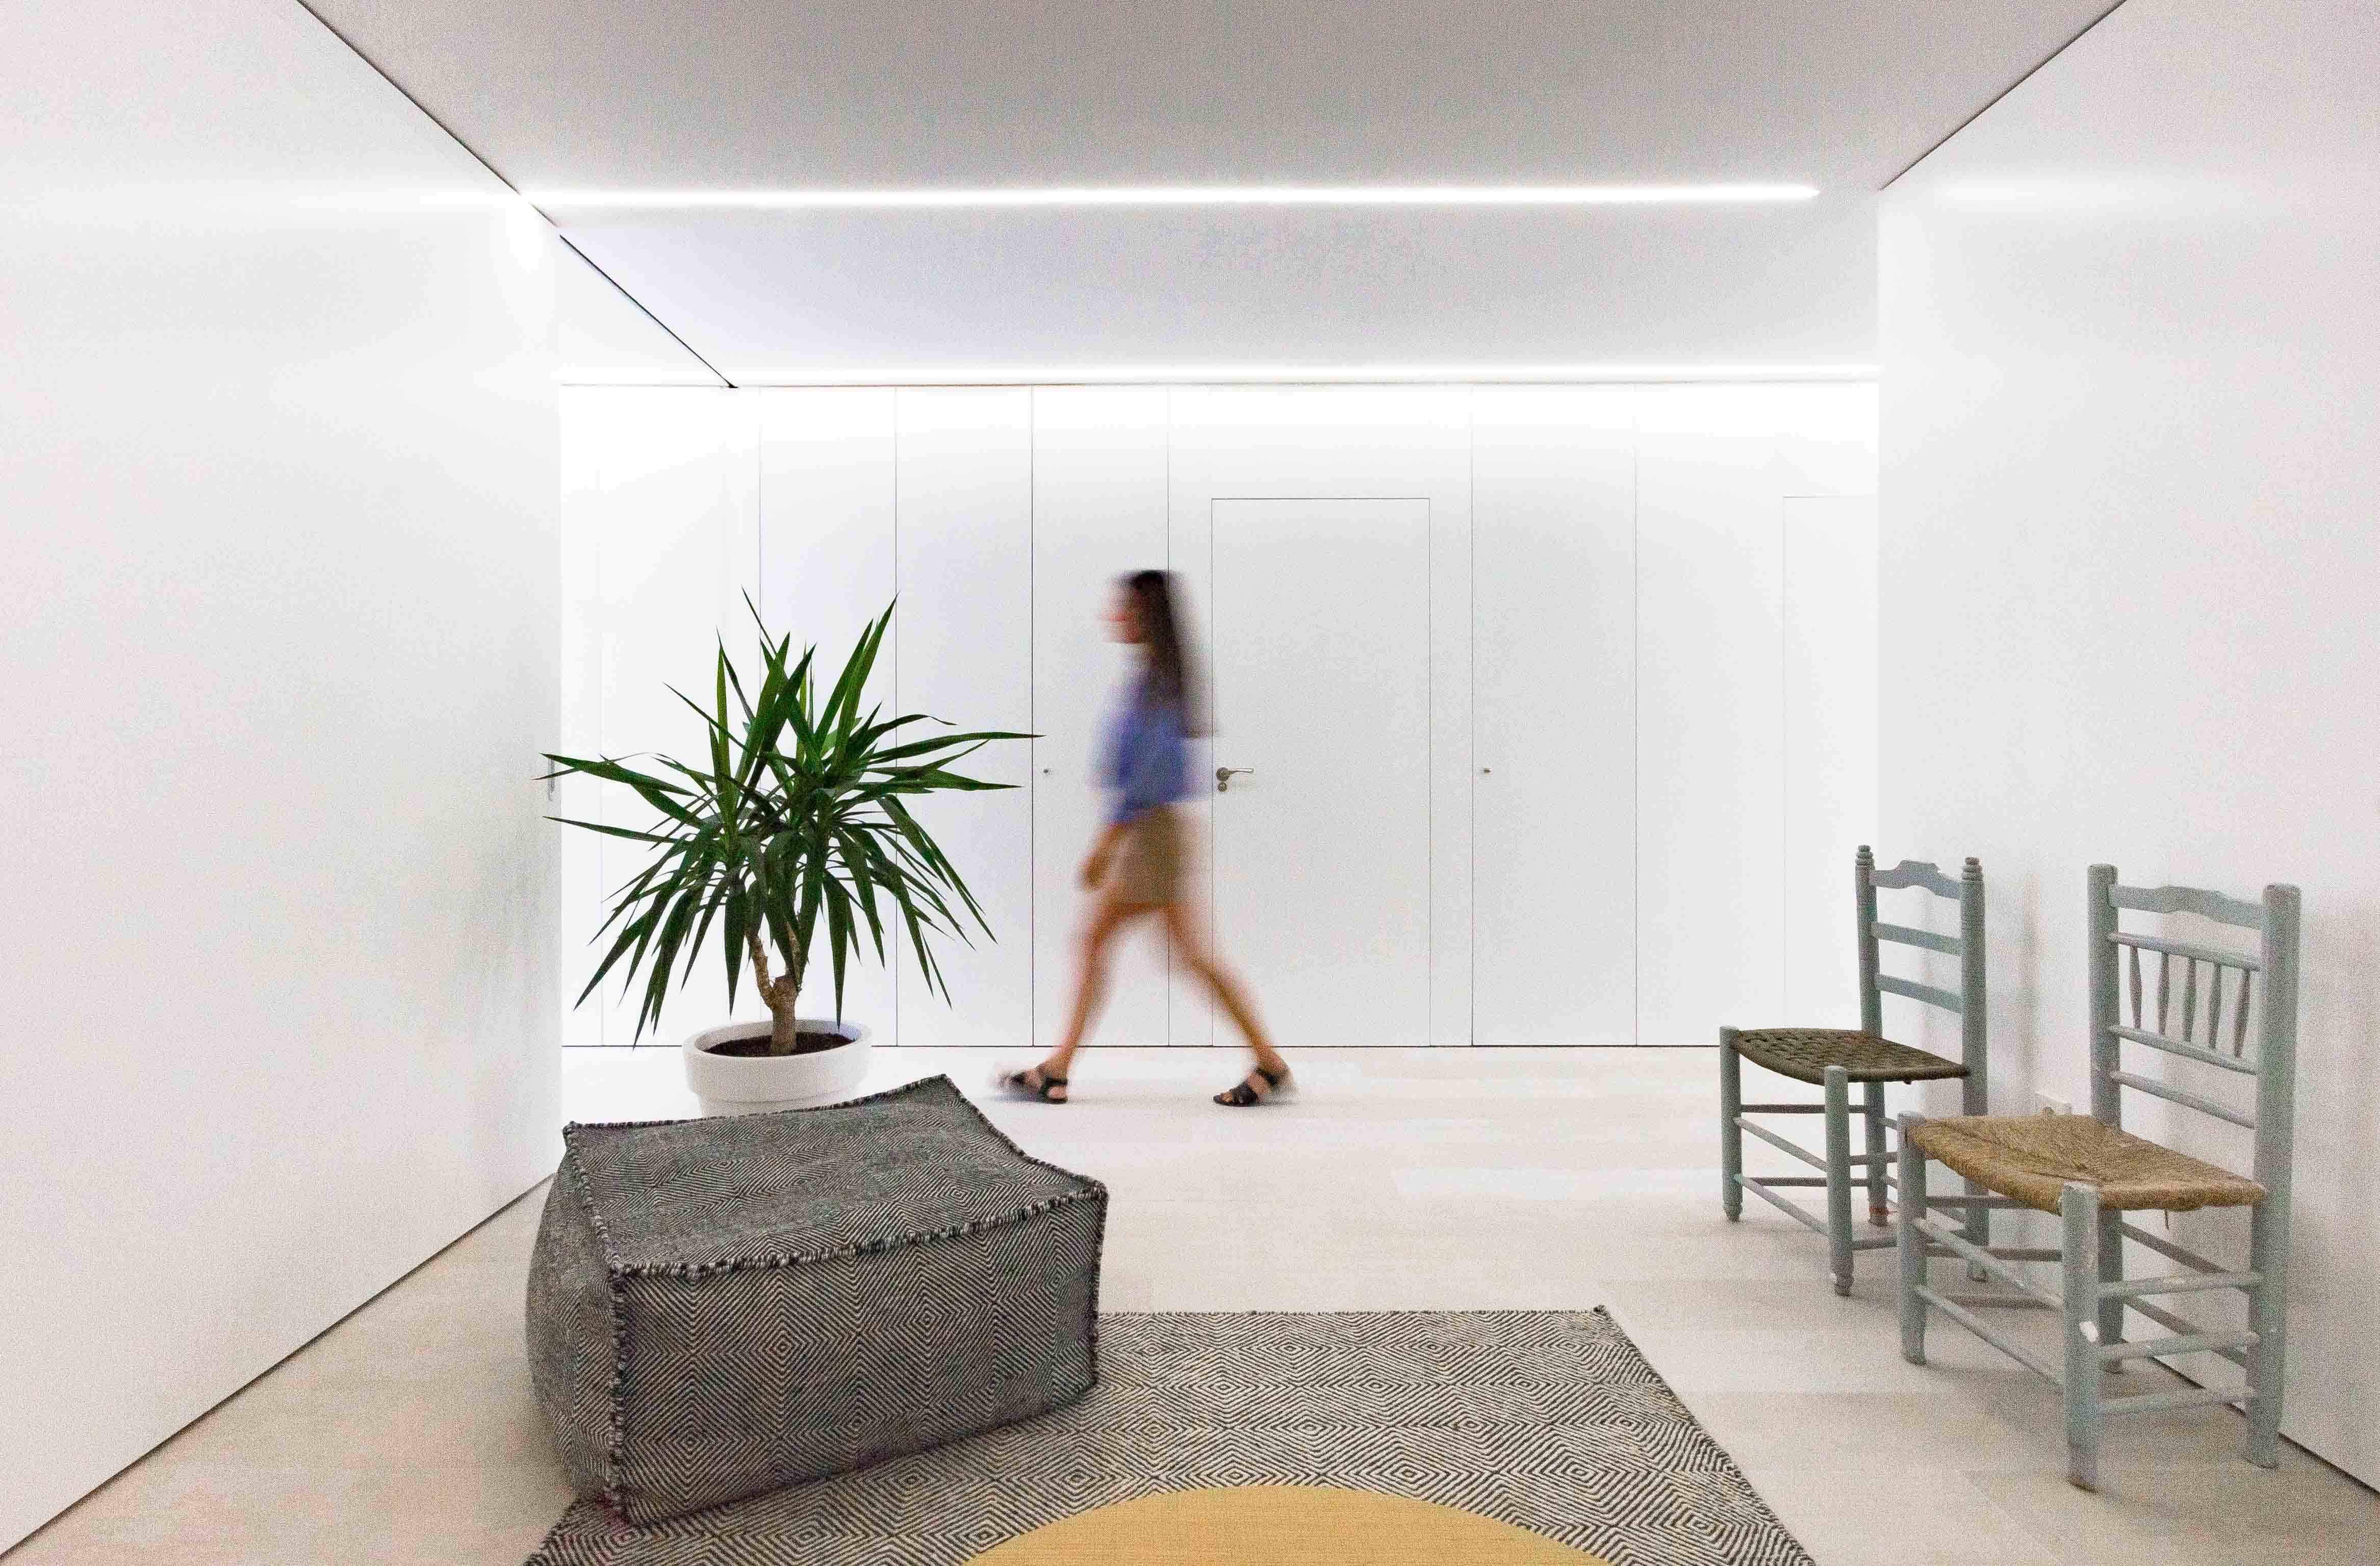 Puf y alfombra negfra y blanca con sillas rusticas y plantas decorando el salon minimal. Puertas blancas integradas.